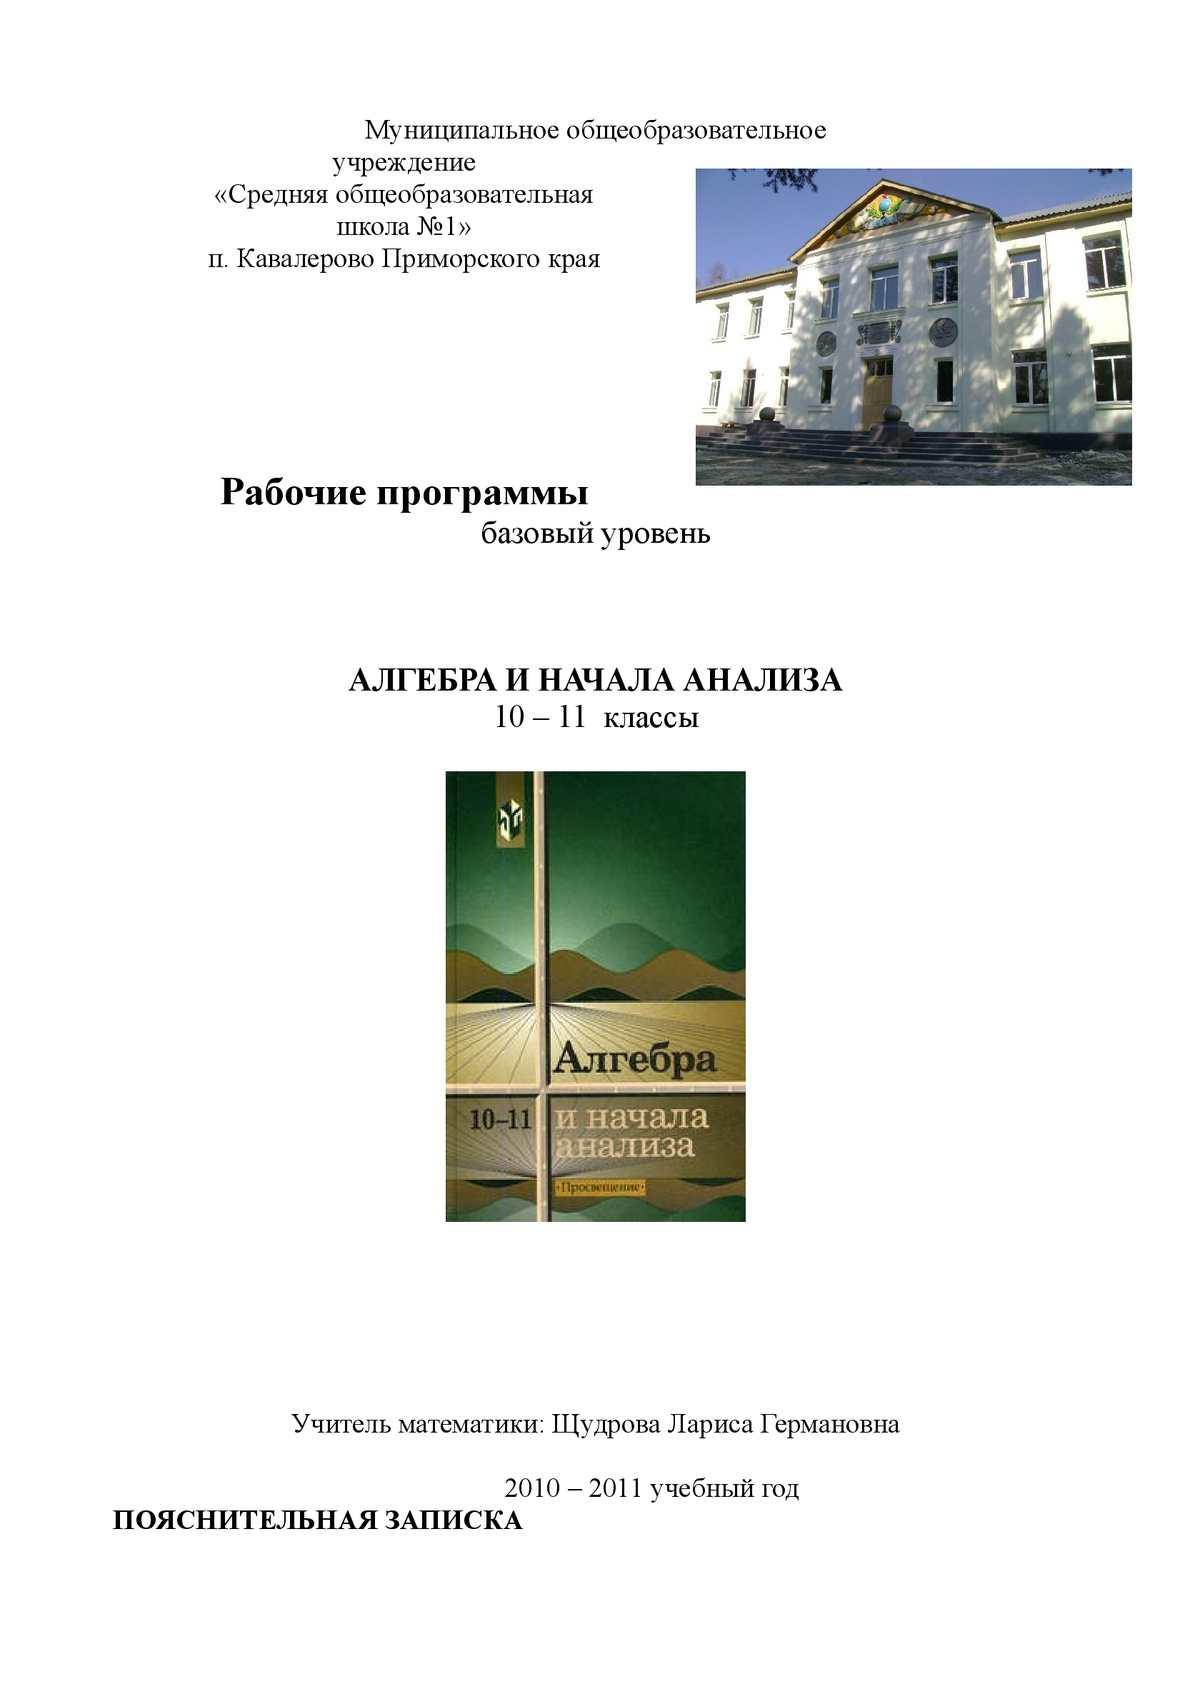 Скачать учебник алгебра 8 углубленное изучение 1999 год виленкин и сурвилло